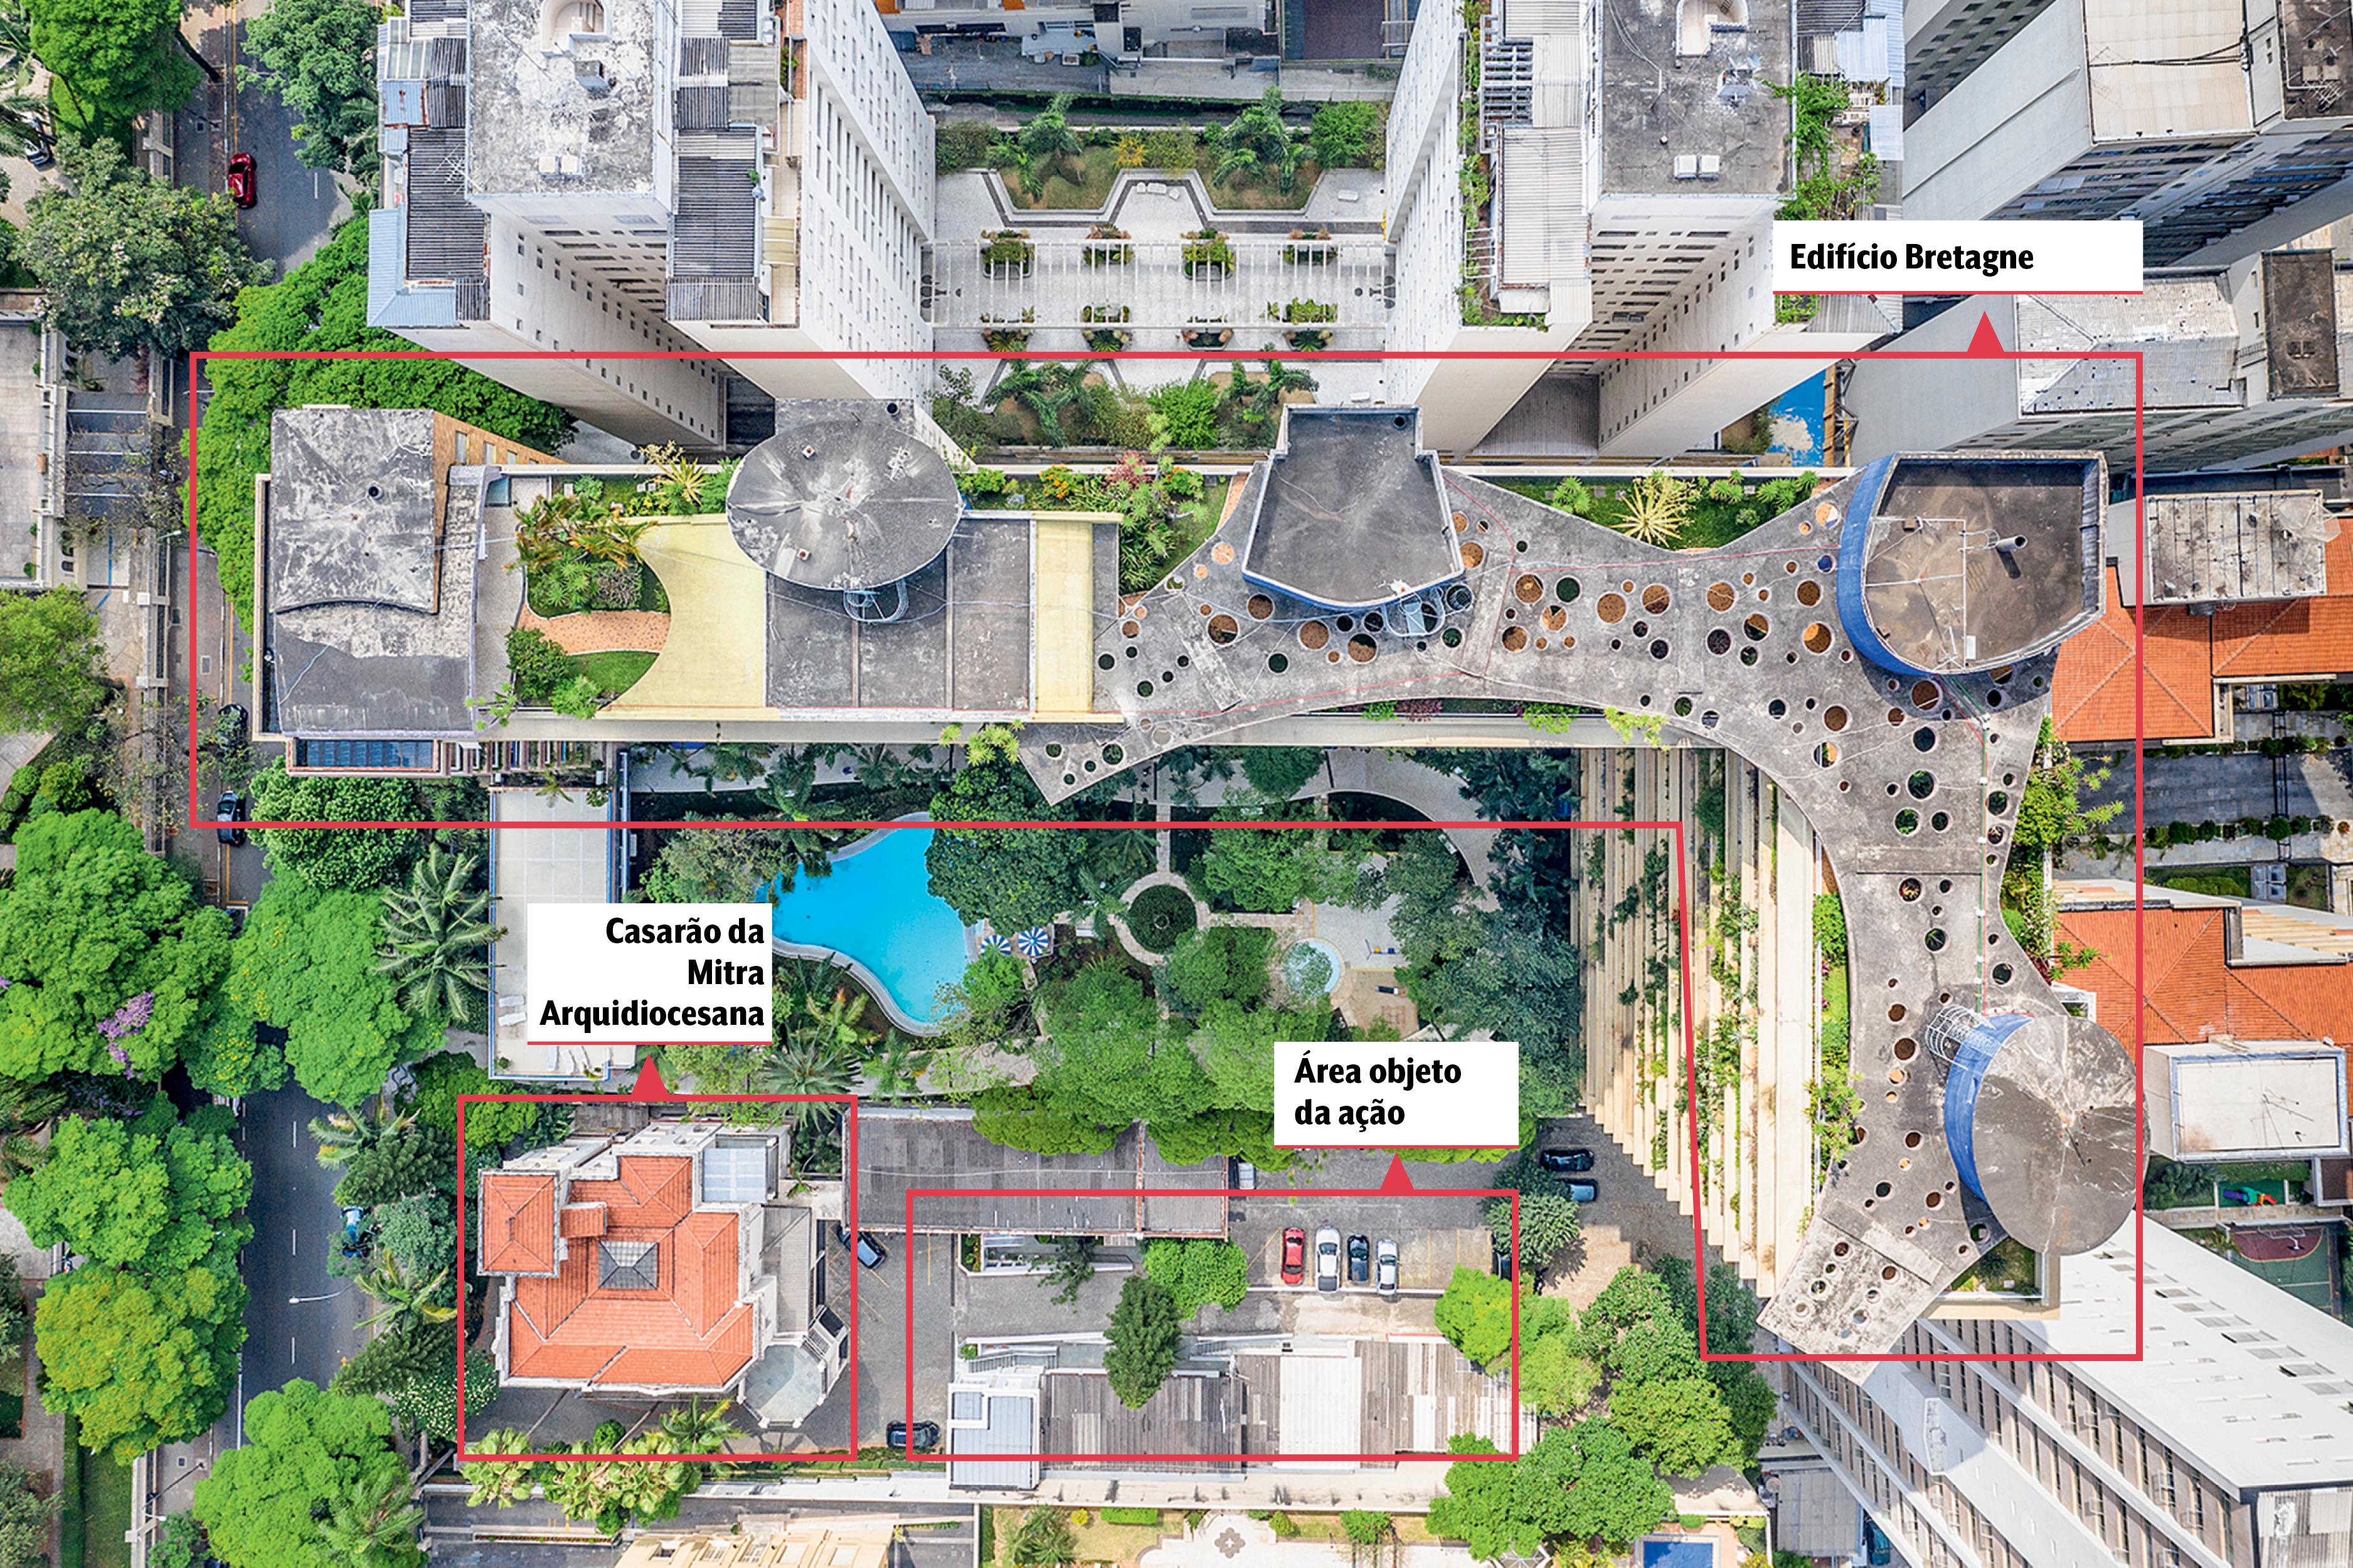 Uma foto aérea da Avenida Higienópolis que mostra o Edifício Bretagne, o Casarão da Mitra Arquidiocesana e uma área de disputa entre vizinhos. Há a demarcação dos nomes em vermelho que pertencem a cada lugar